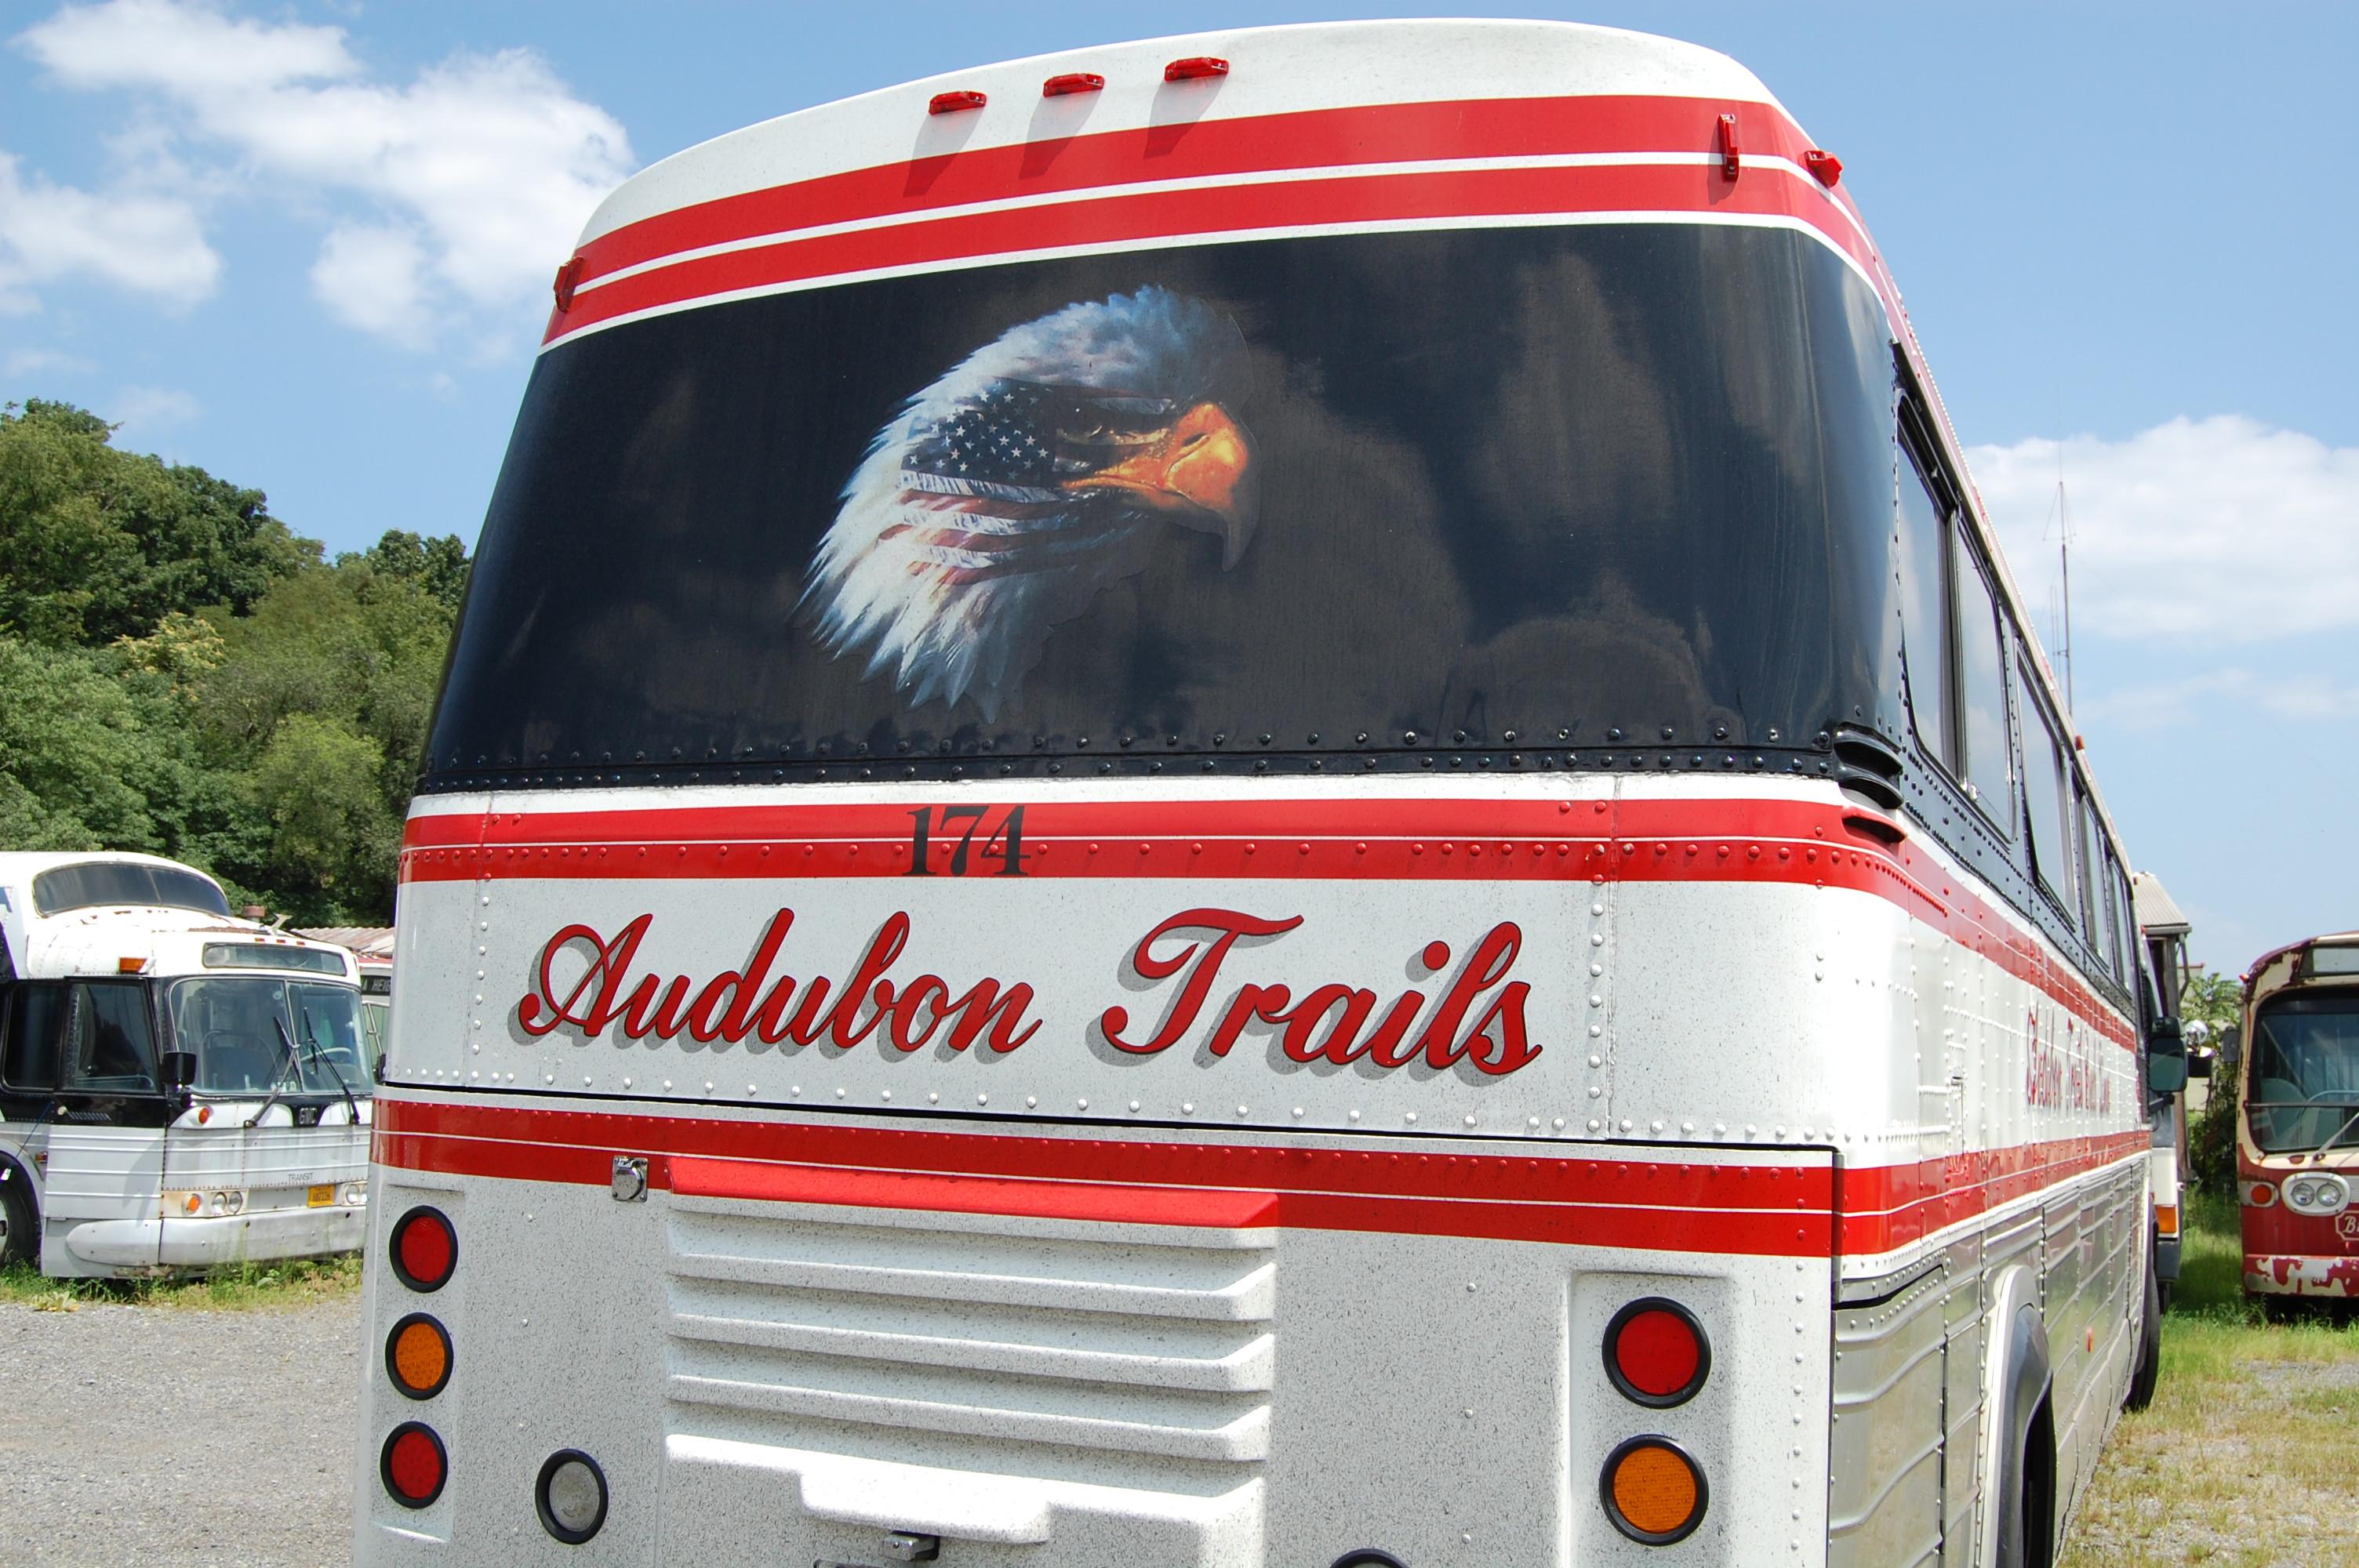 Coach 174's Eagle